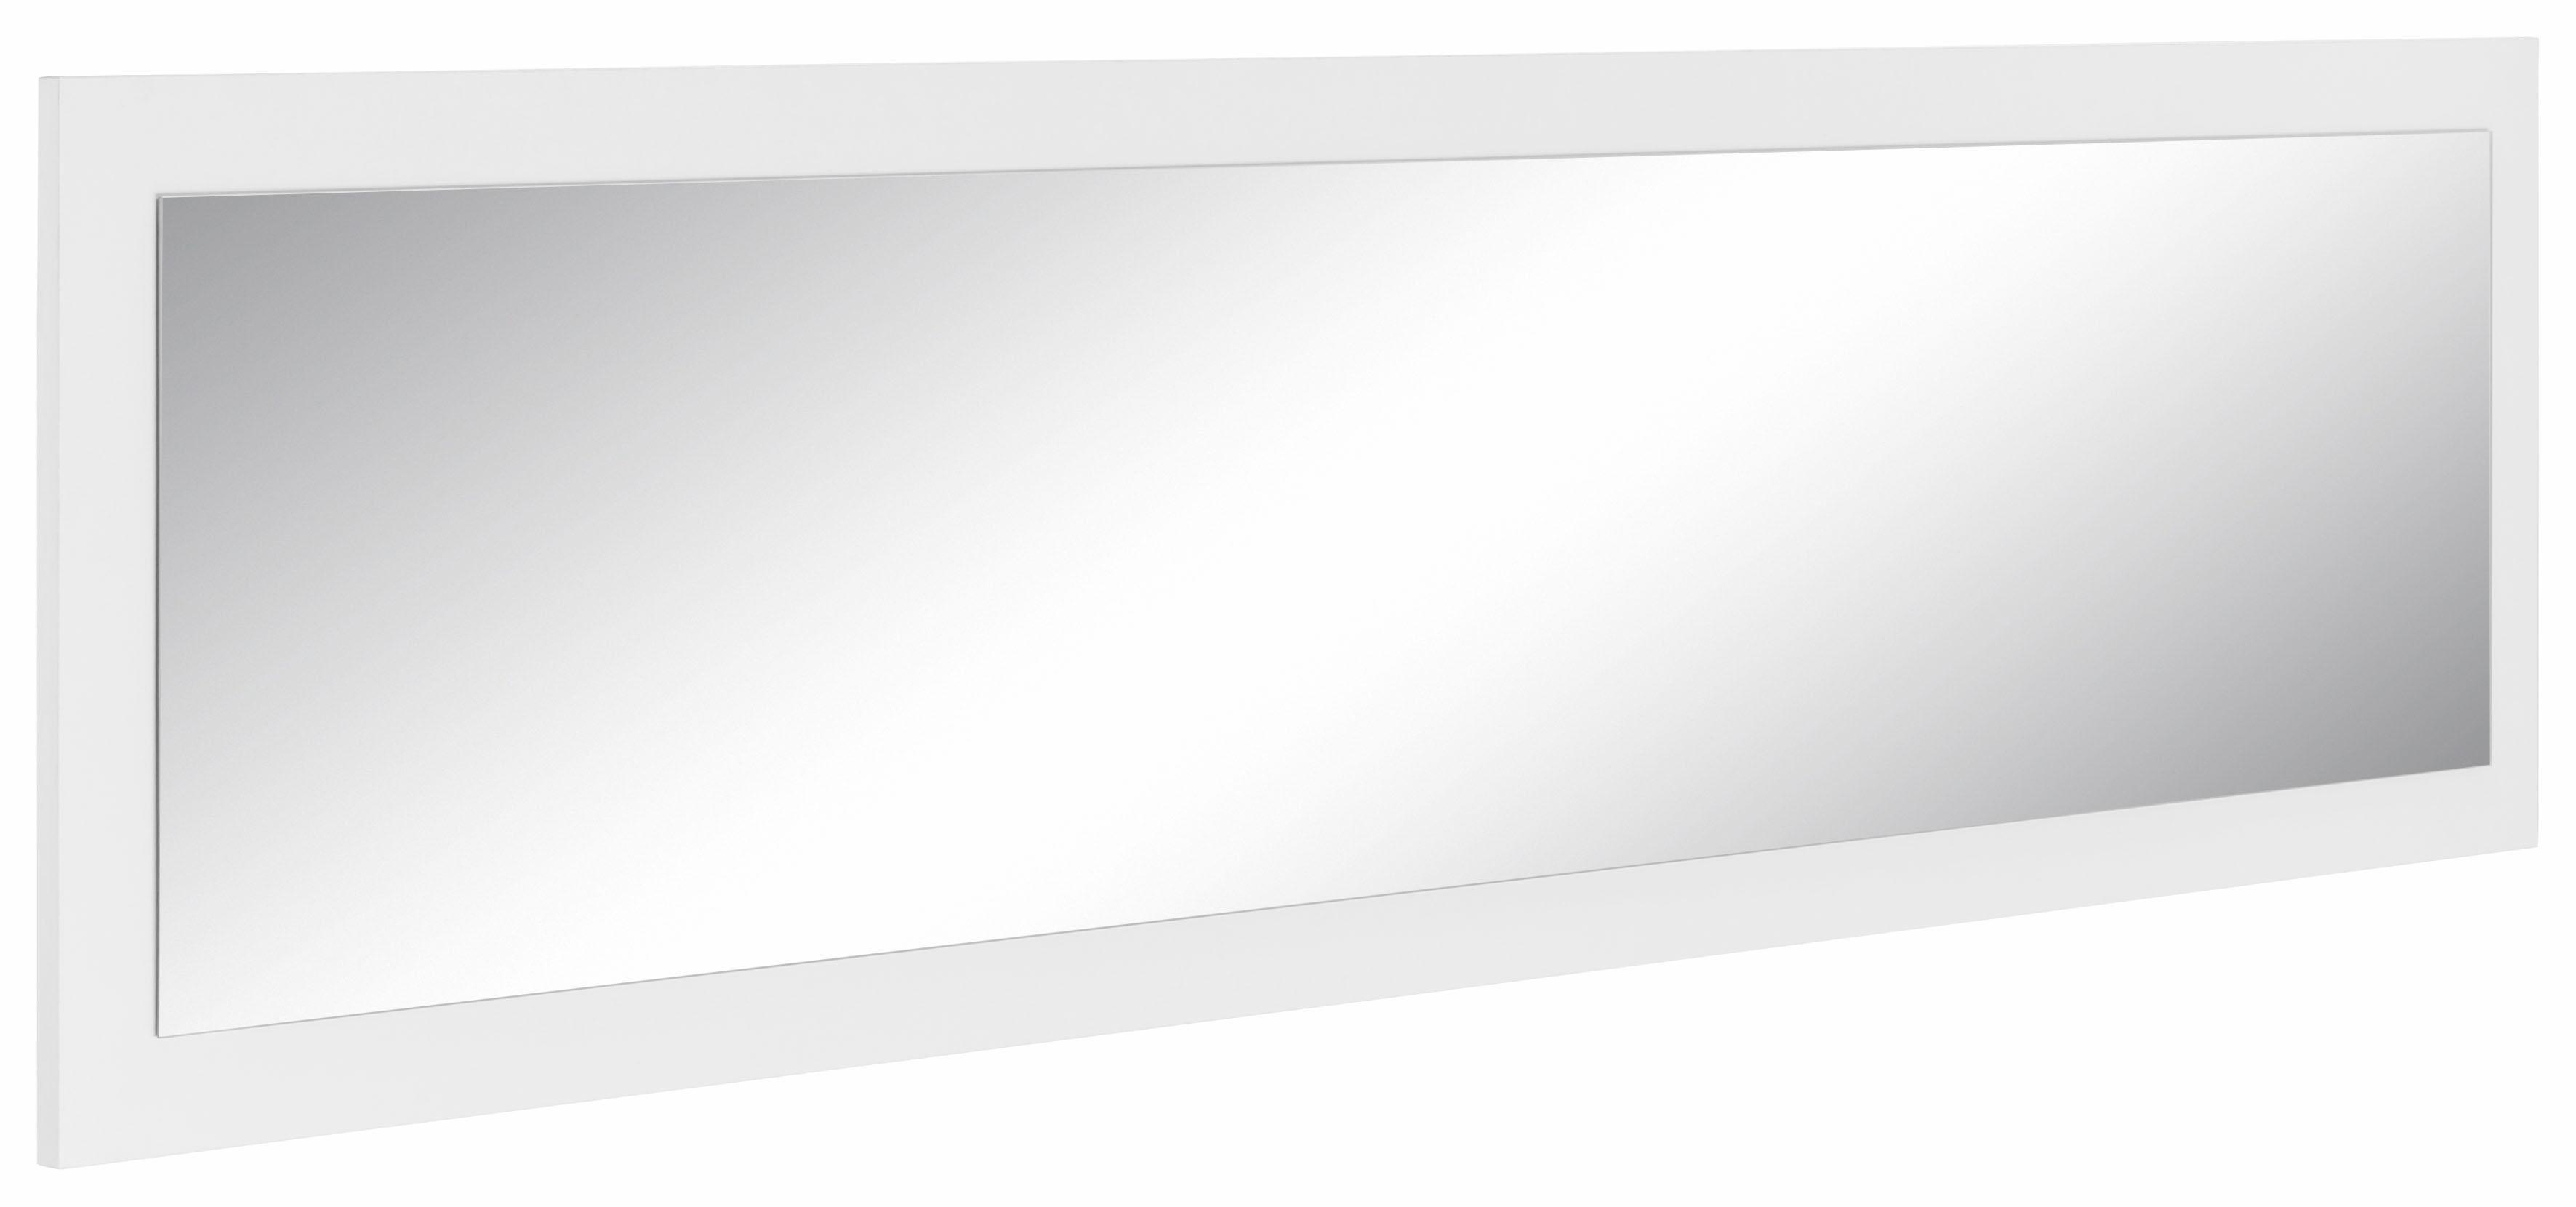 Stunning schoonmaak tips with plakspiegel rond for Ronde plakspiegel